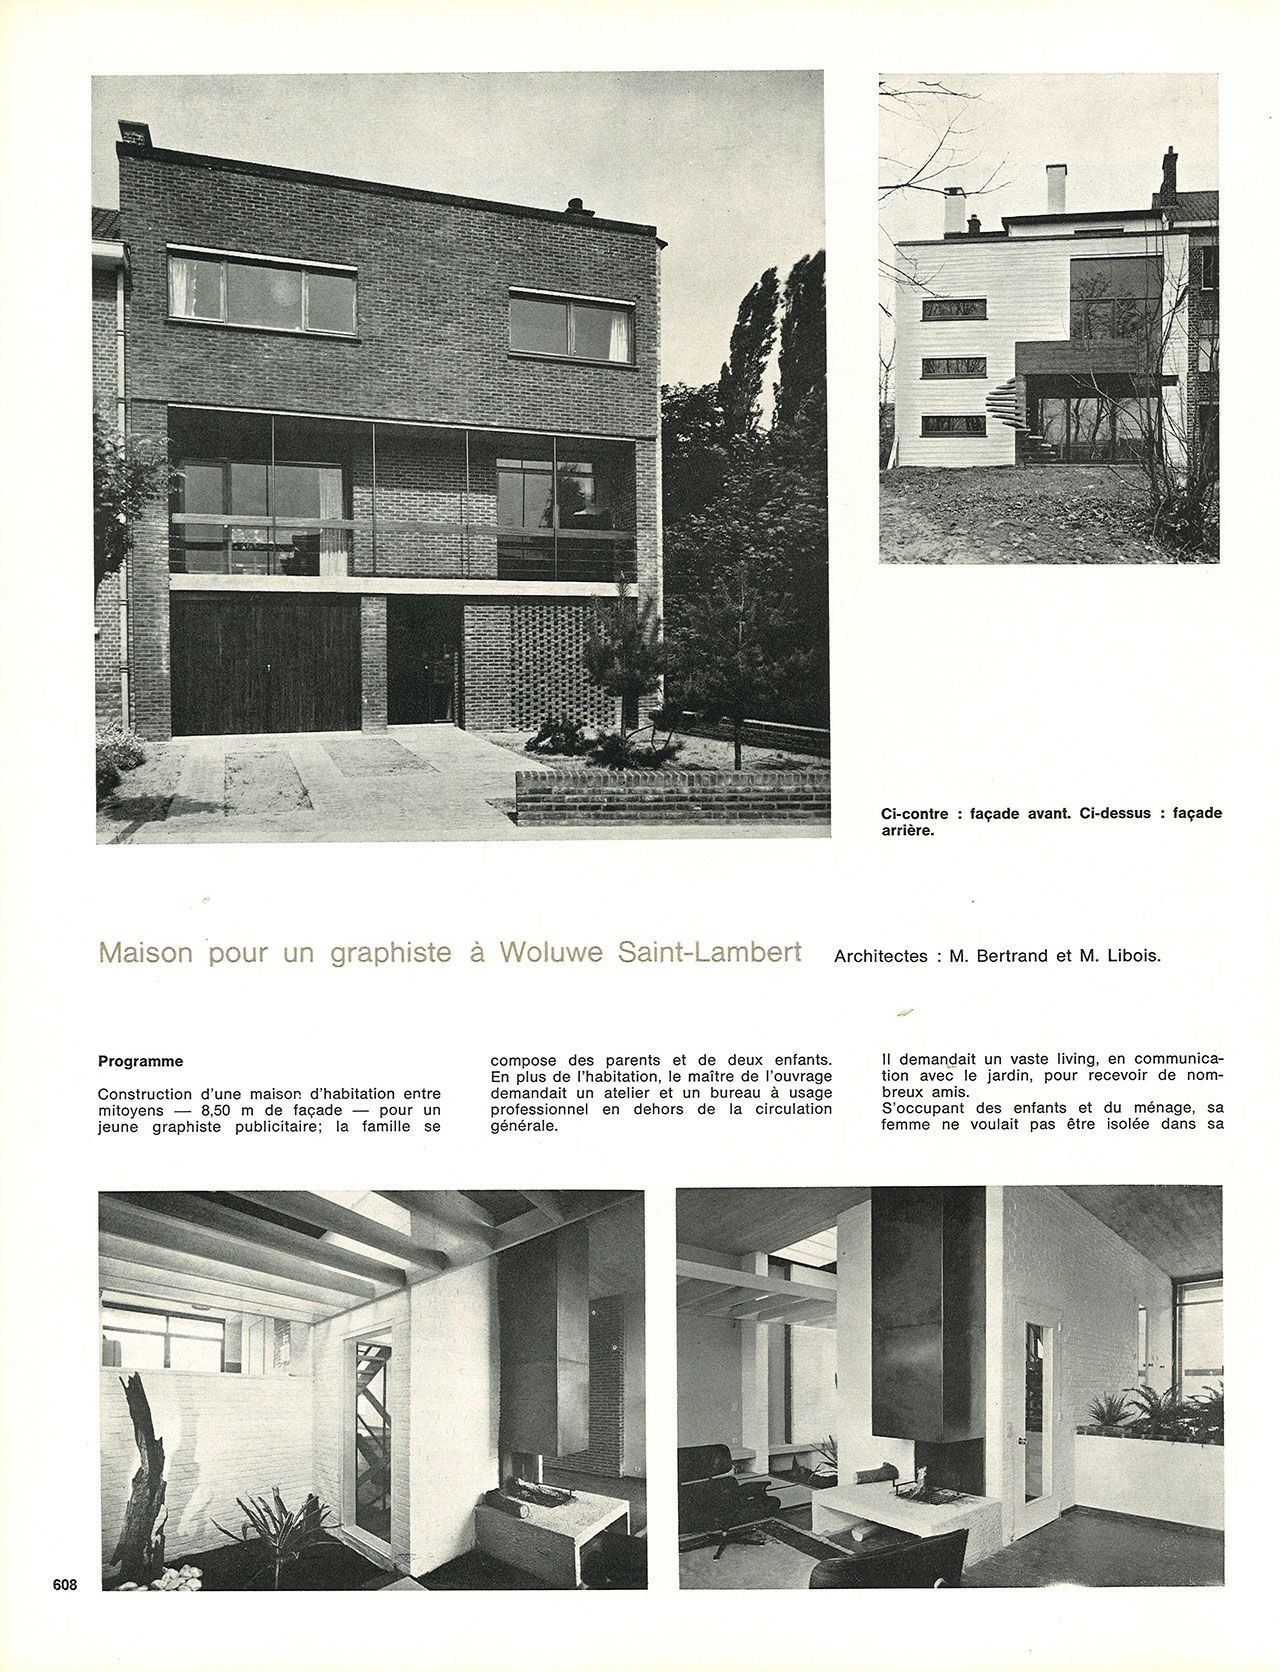 Maison pour un graphiste woluwe saint lambert for Adresse maison communale woluwe saint lambert